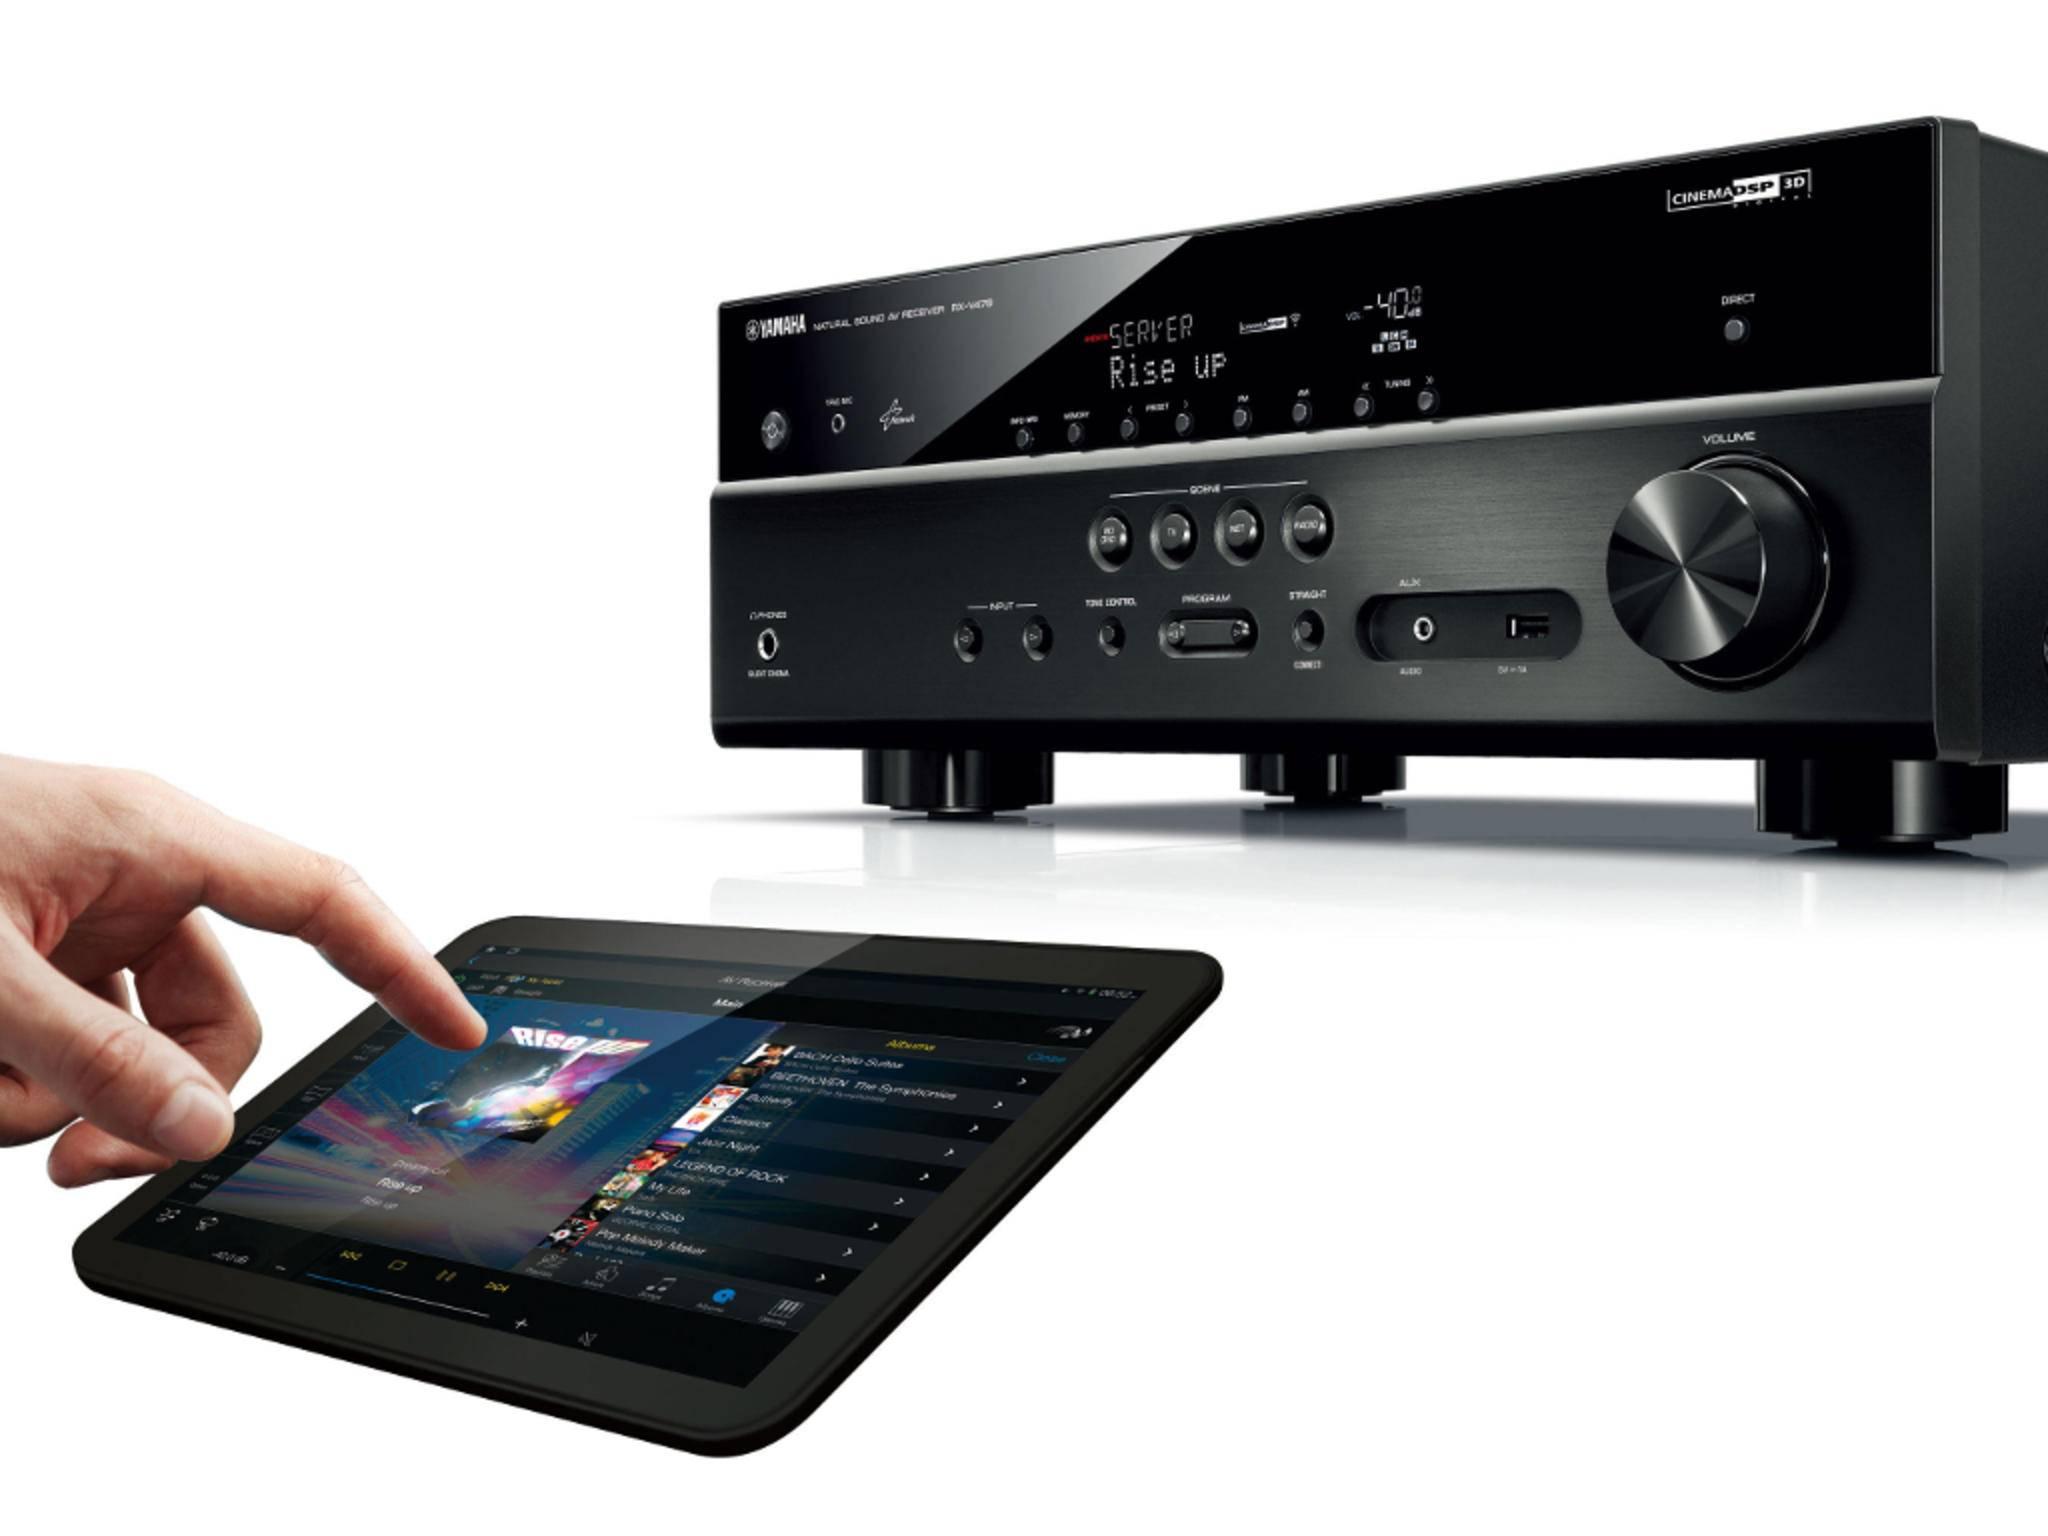 Die neuen AV-Receiver von Yamaha verbinden sich drahtlos mit Smartphones oder Tablets.